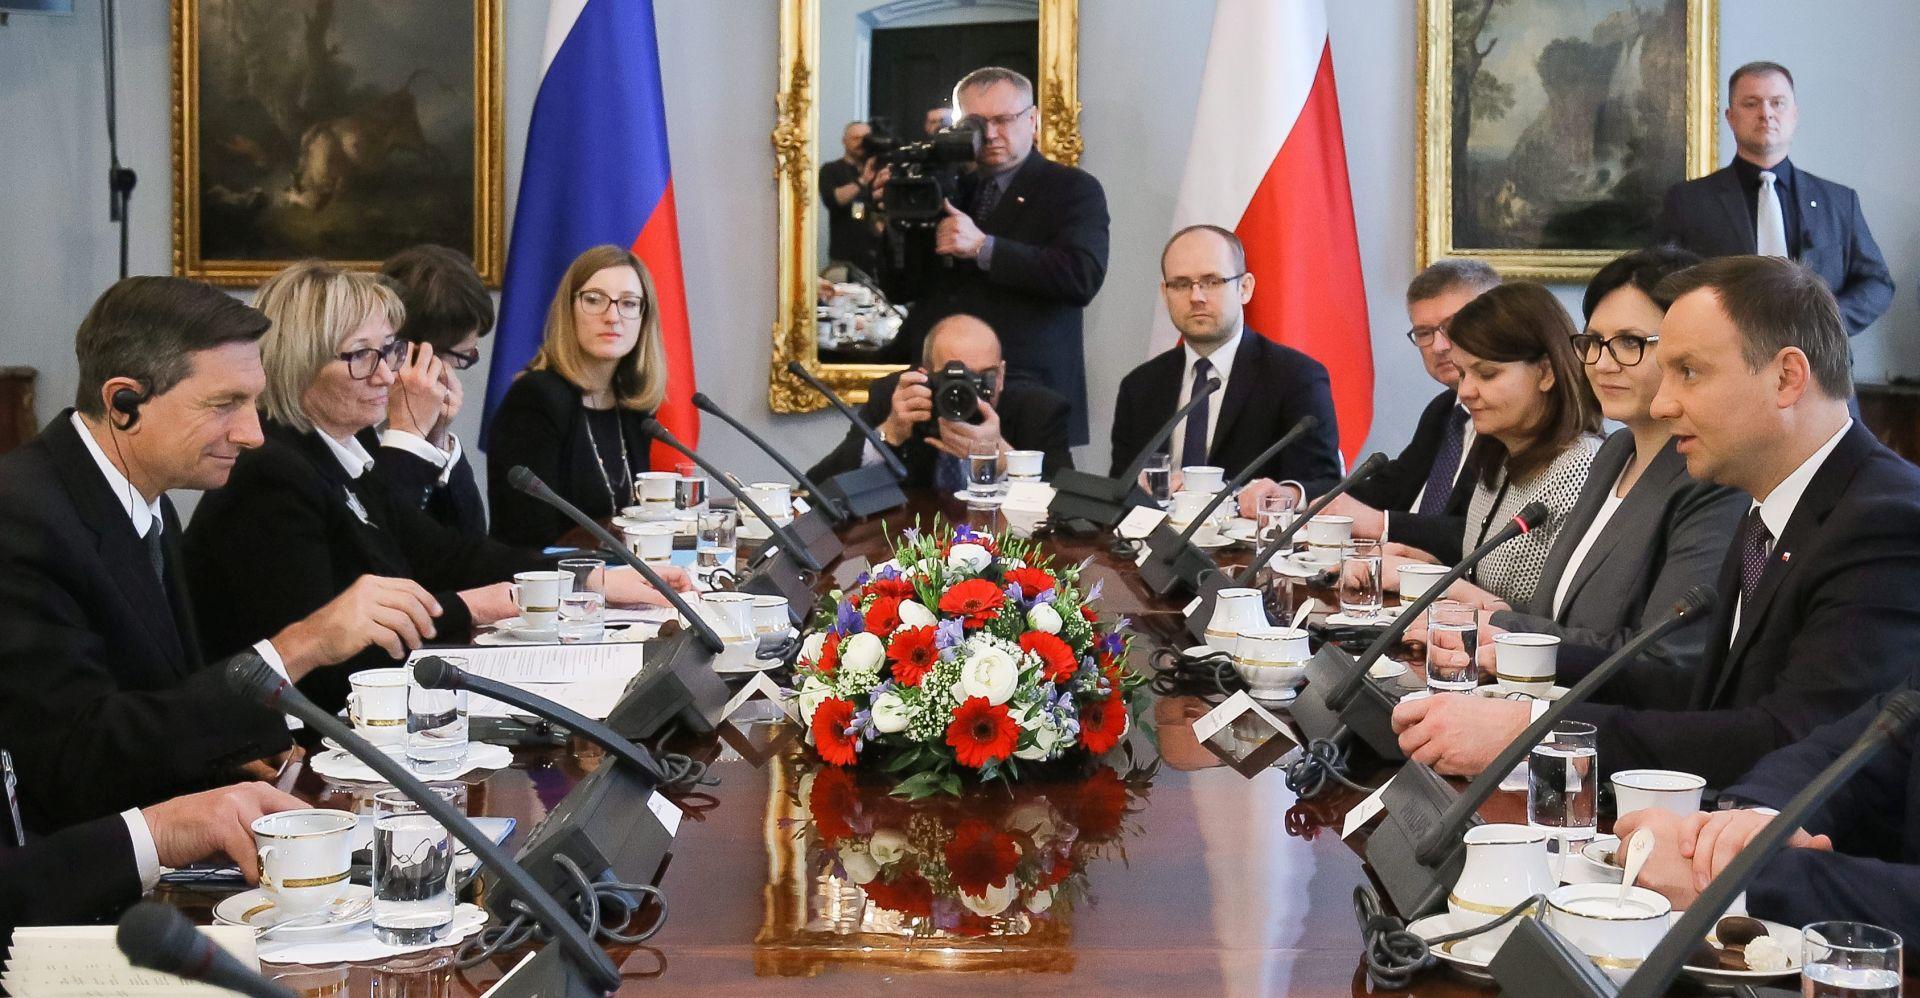 Slovenski ministar: Nisu potrebne nove mjere rezanja proračunskih rashoda